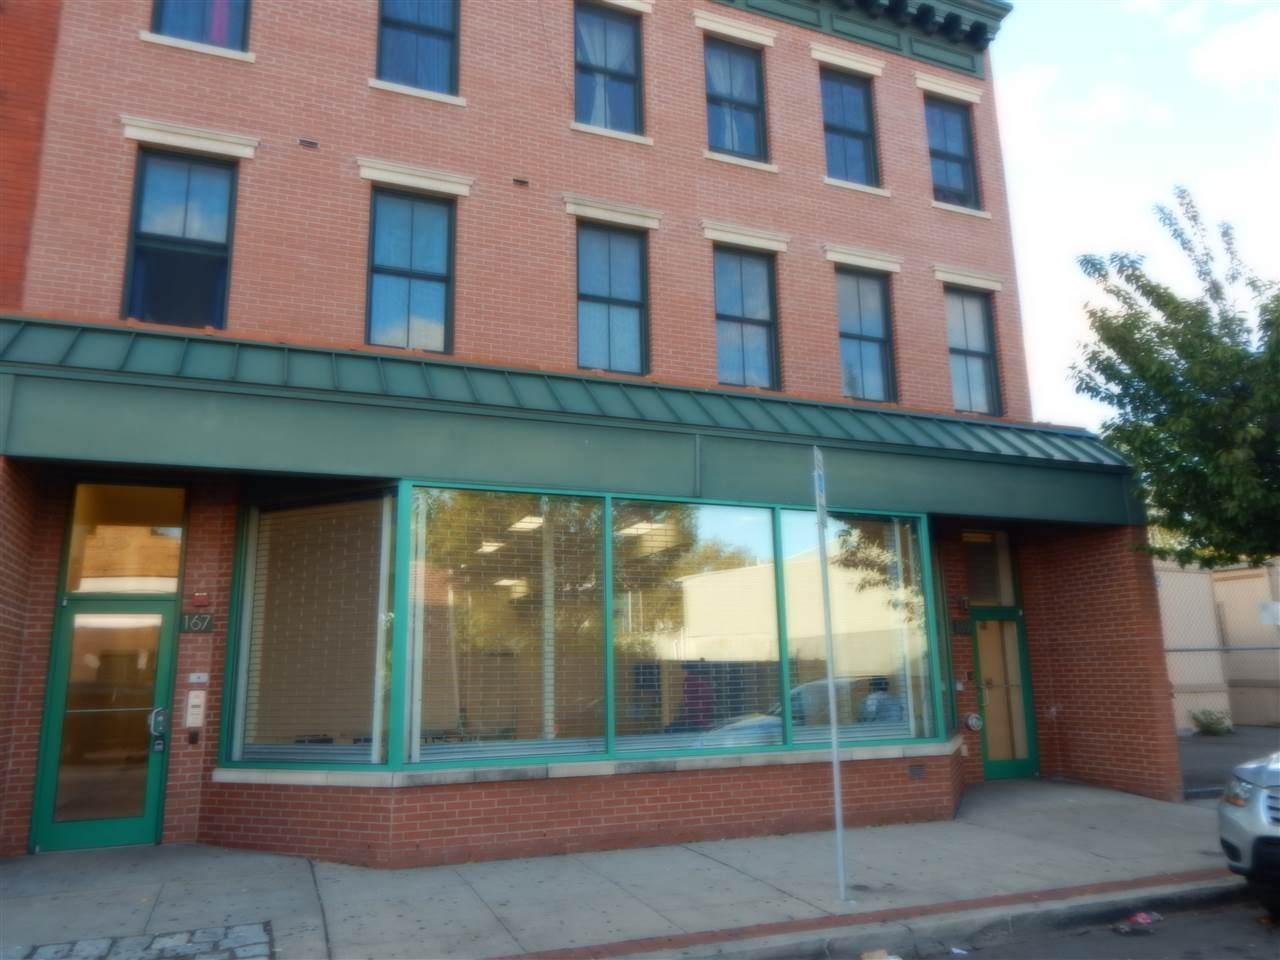 169 Monticello Ave - Photo 1